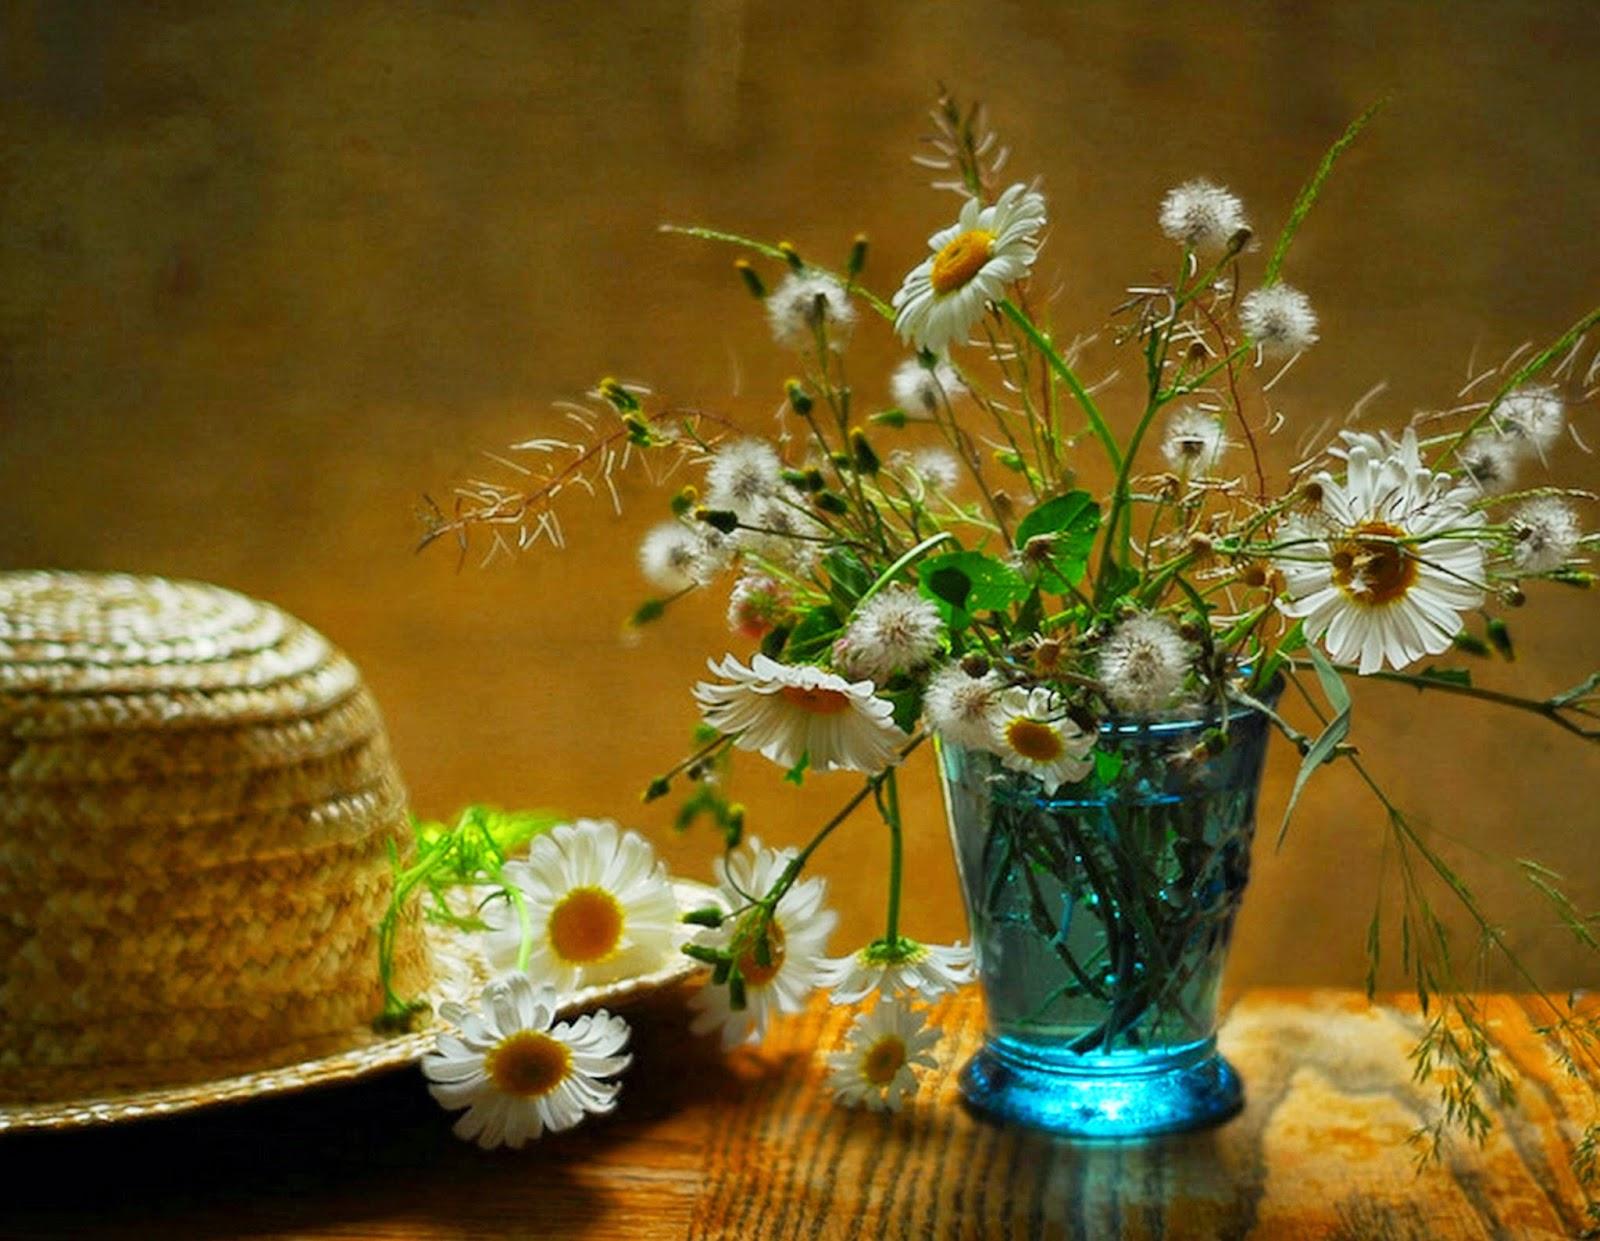 hiperrealismo-al-oleo-de-hermosas-flores